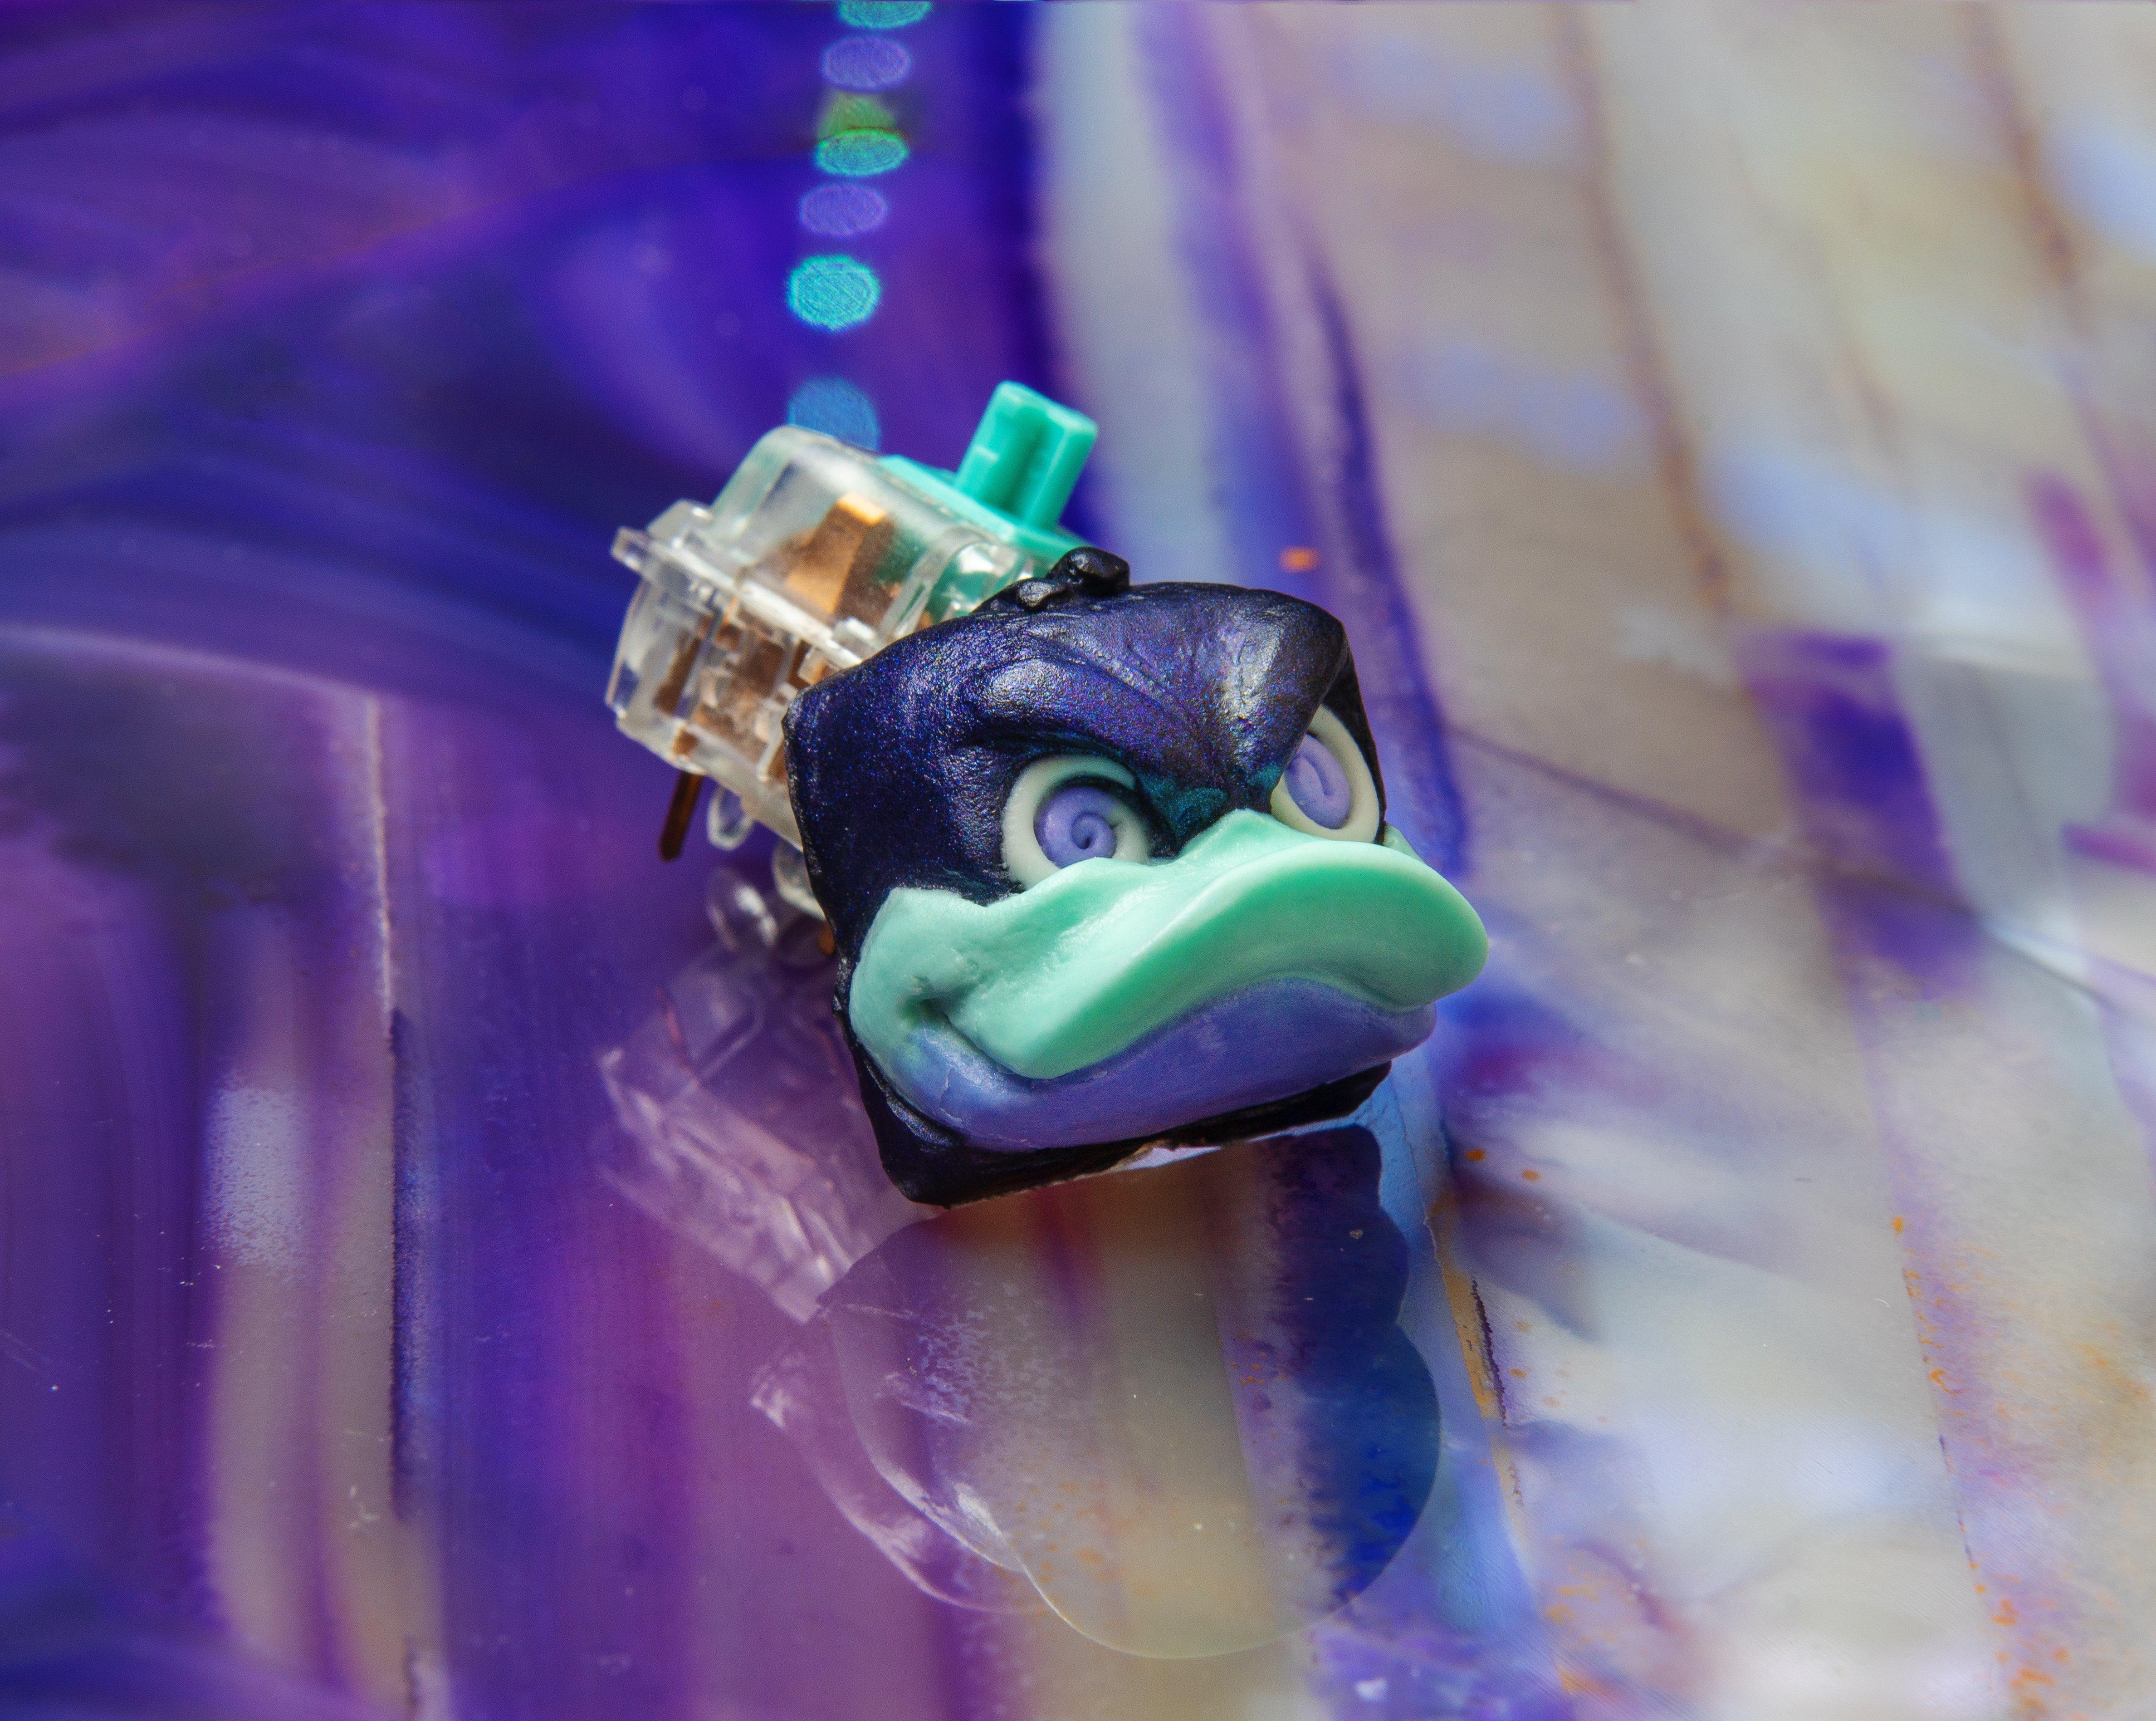 daffy keycap badchad